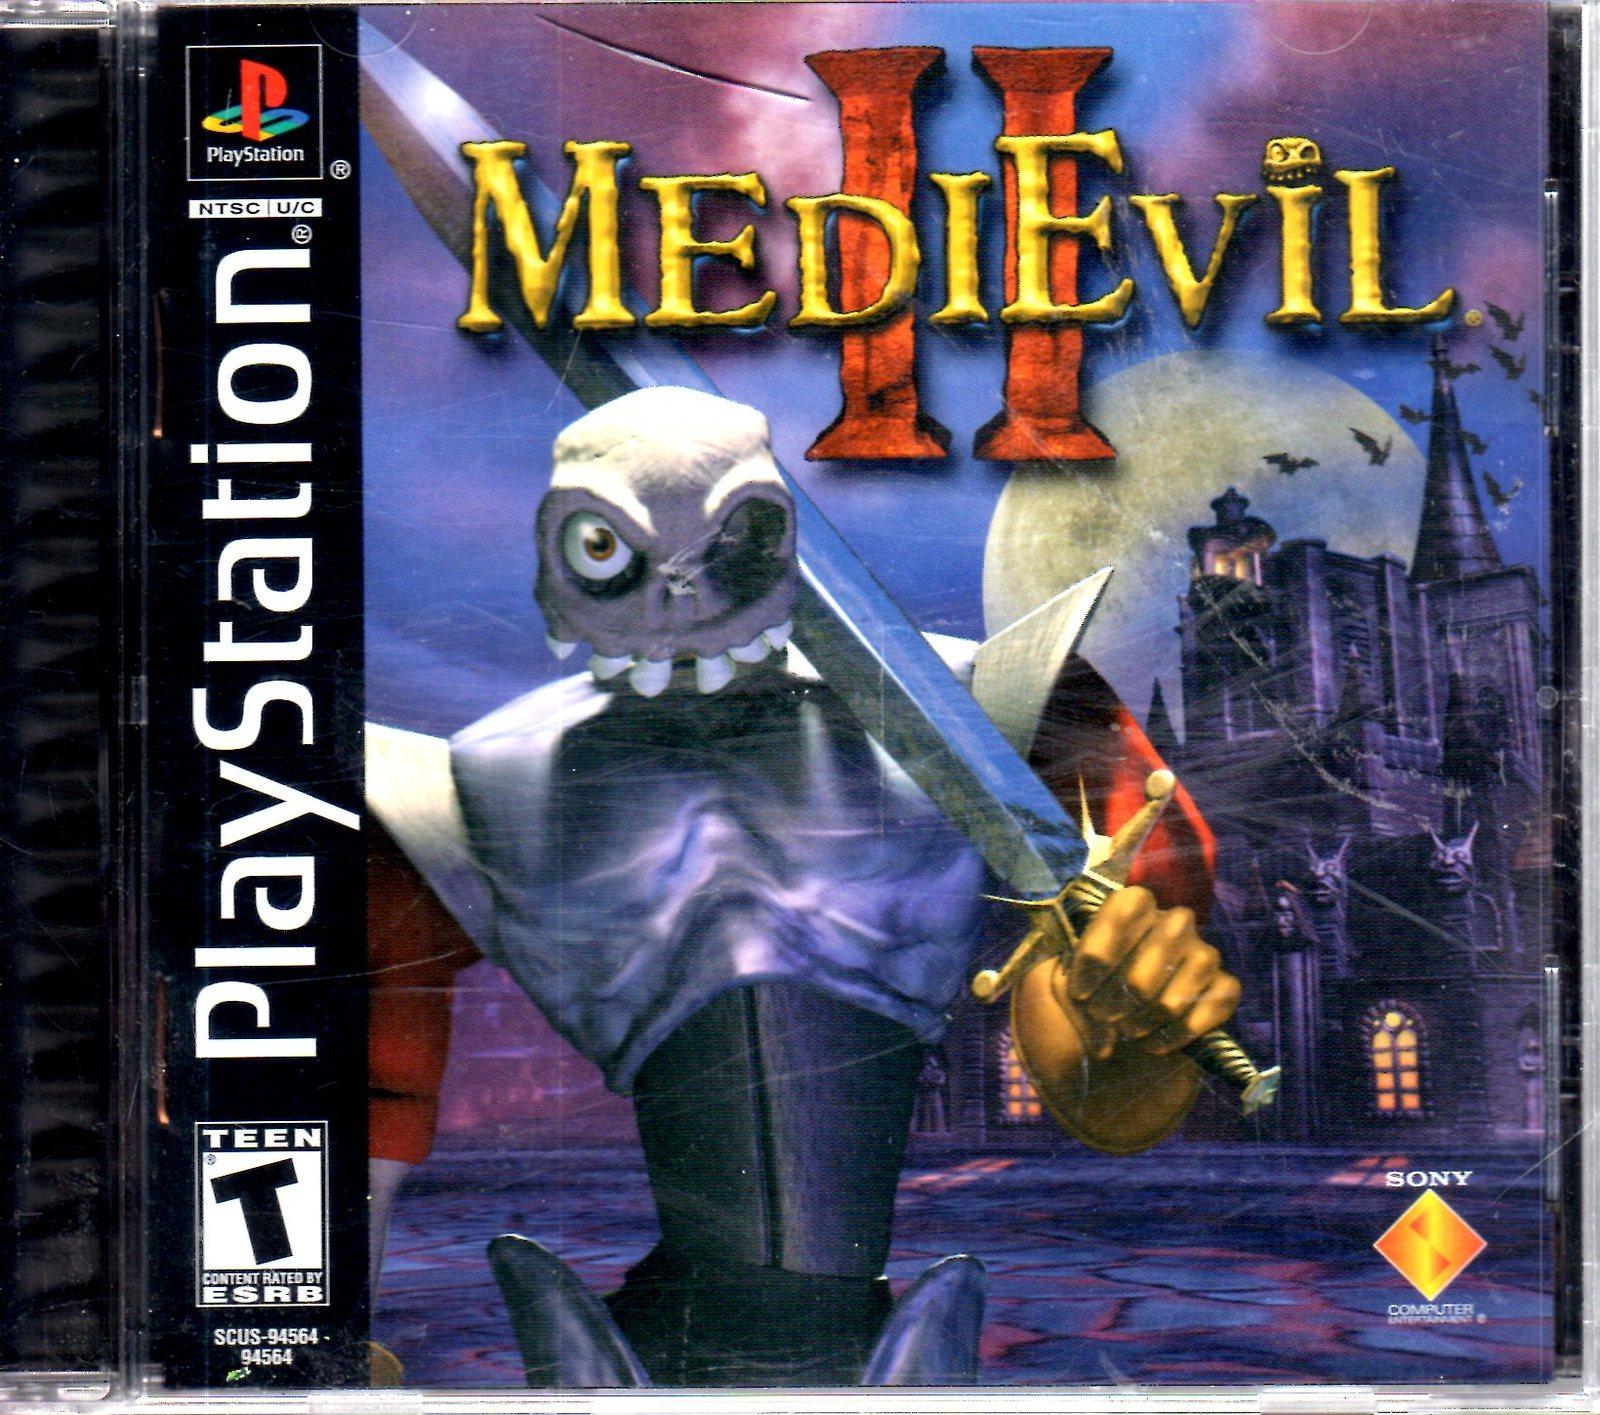 PlayStation - MediEvil 2